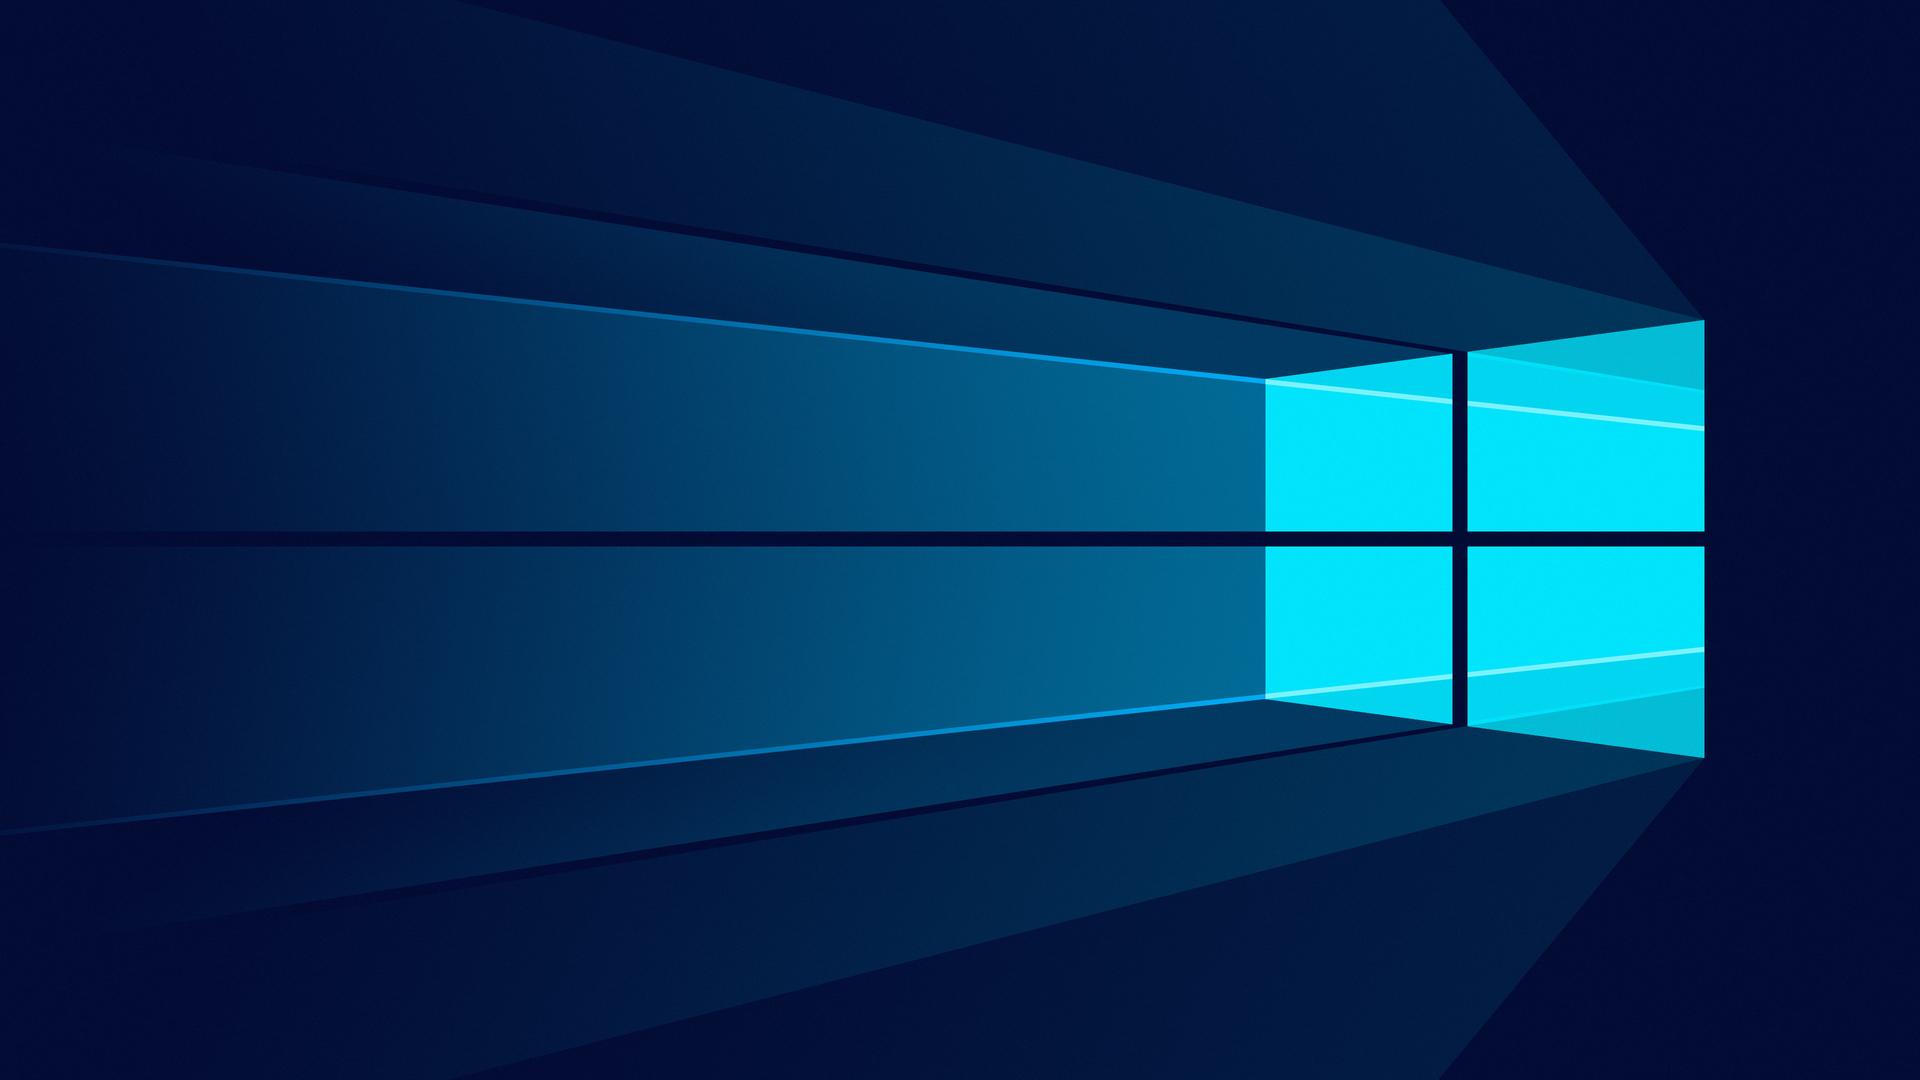 1920x1080 Windows 10 Minimalist Laptop Full HD 1080P HD 4k ...